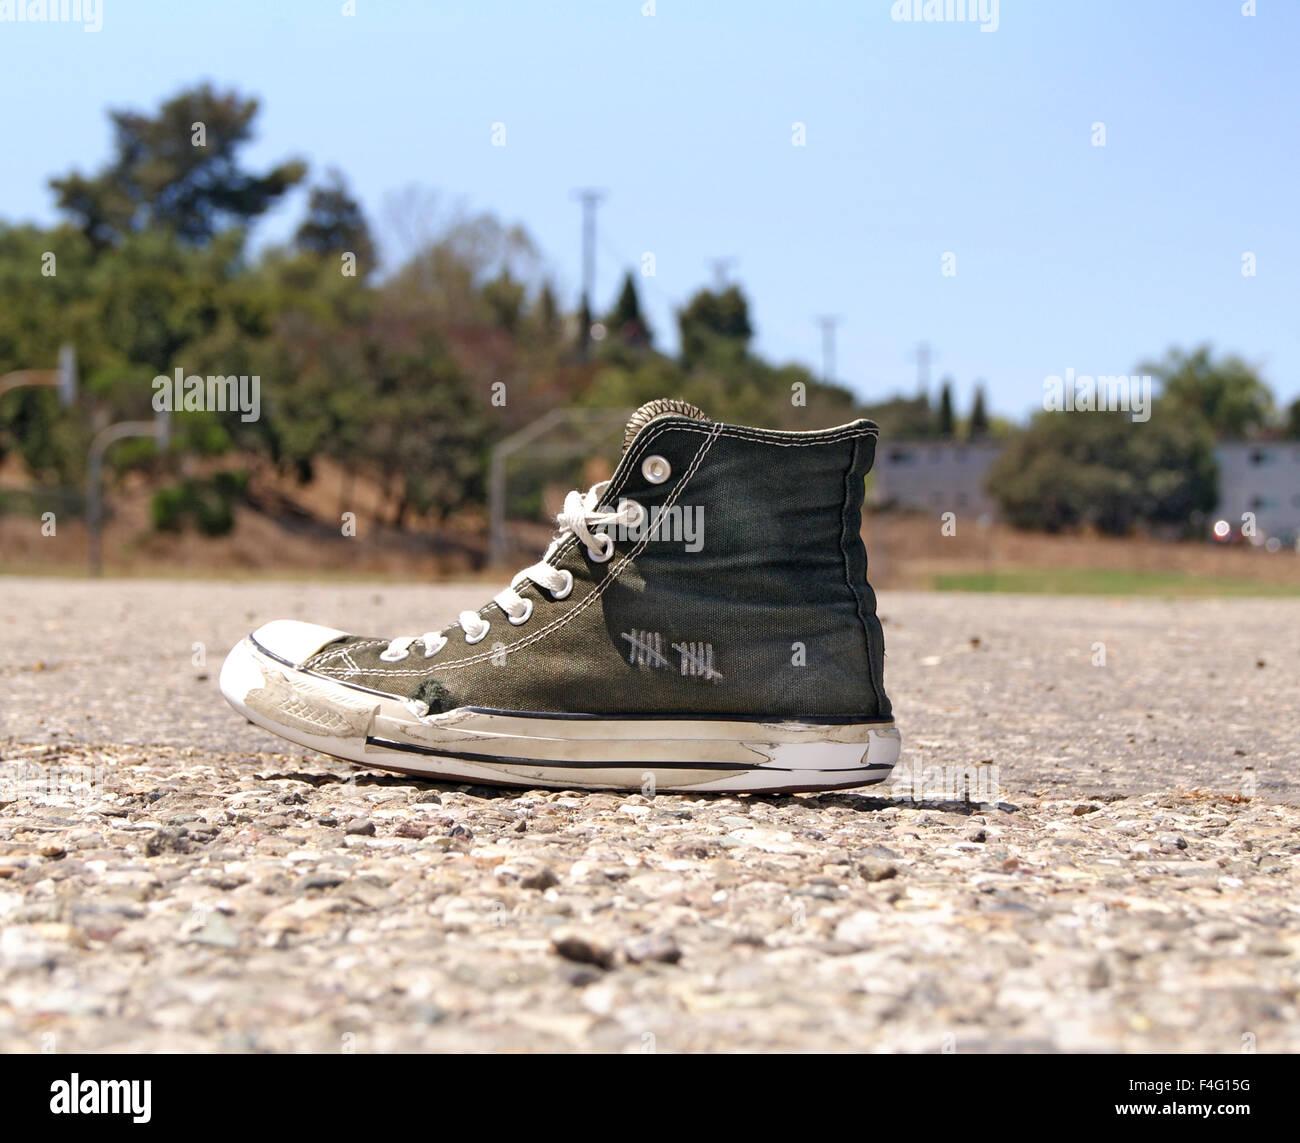 Zapato Converse Imágenes De Stock & Zapato Converse Fotos De